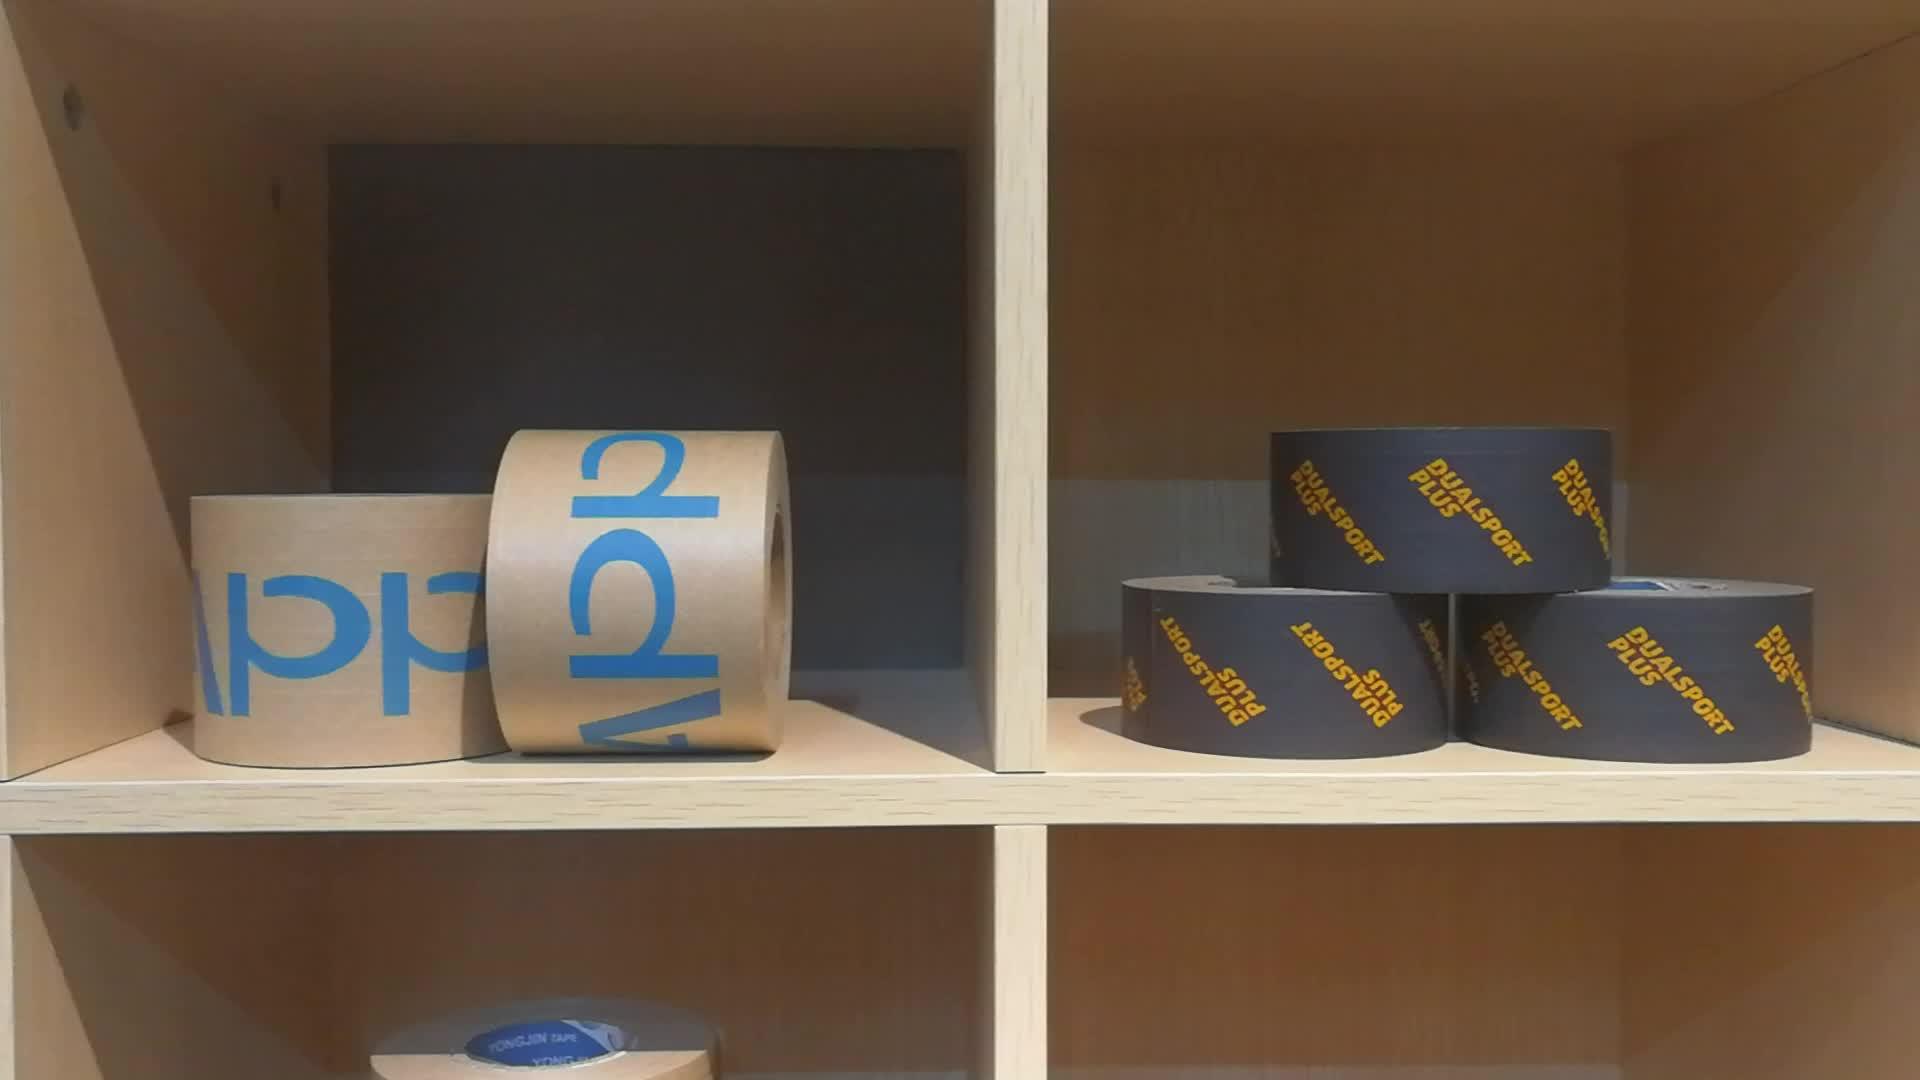 מותאם אישית מודפס קראפט אריזת קלטת, מותאם אישית מודפס קראפט אריזת נייר קלטת